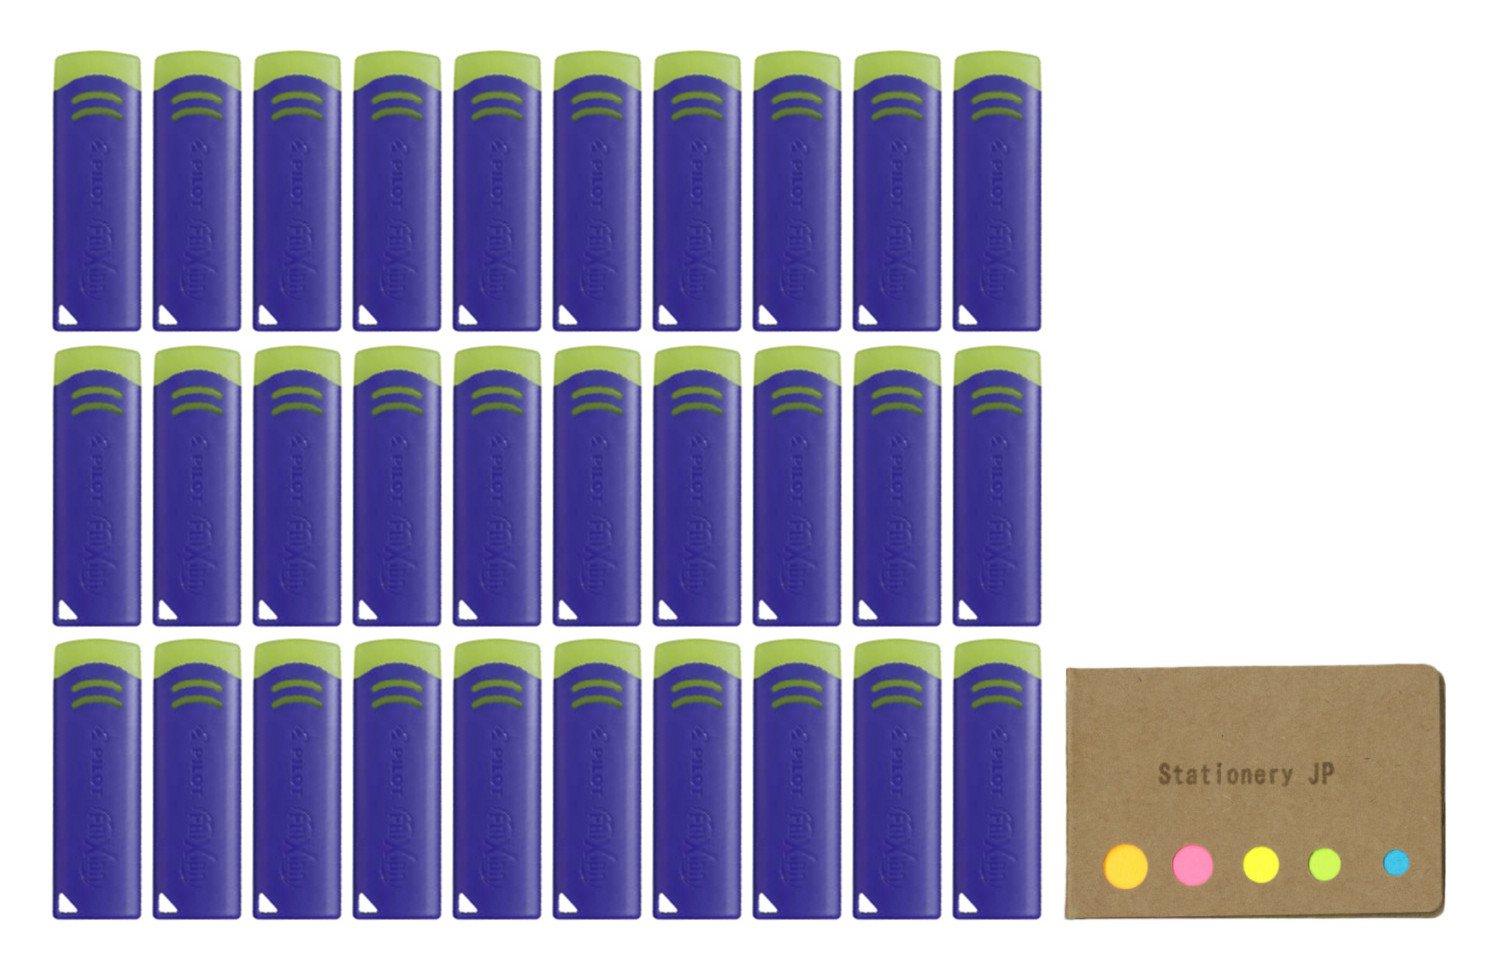 Pilot FriXion Eraser New Model, Blue Color, 30-pack, Sticky Notes Value Set by Stationery JP (Image #1)